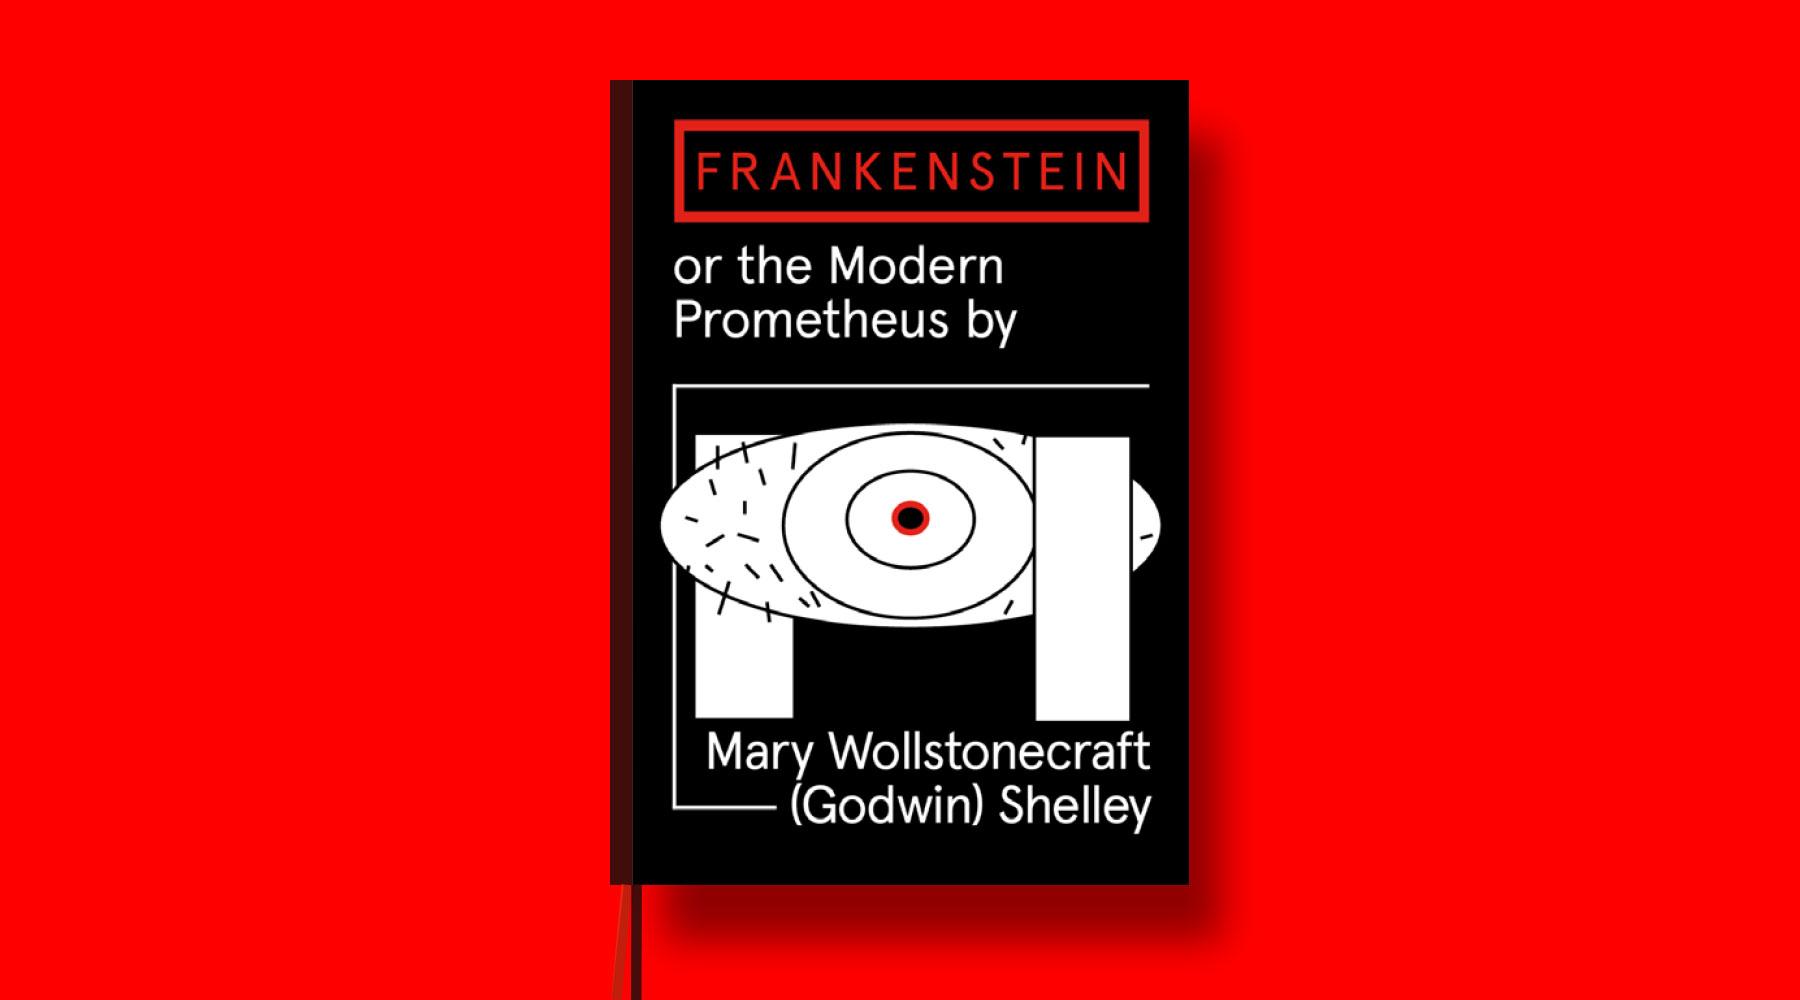 Frankenstein_1800x1000